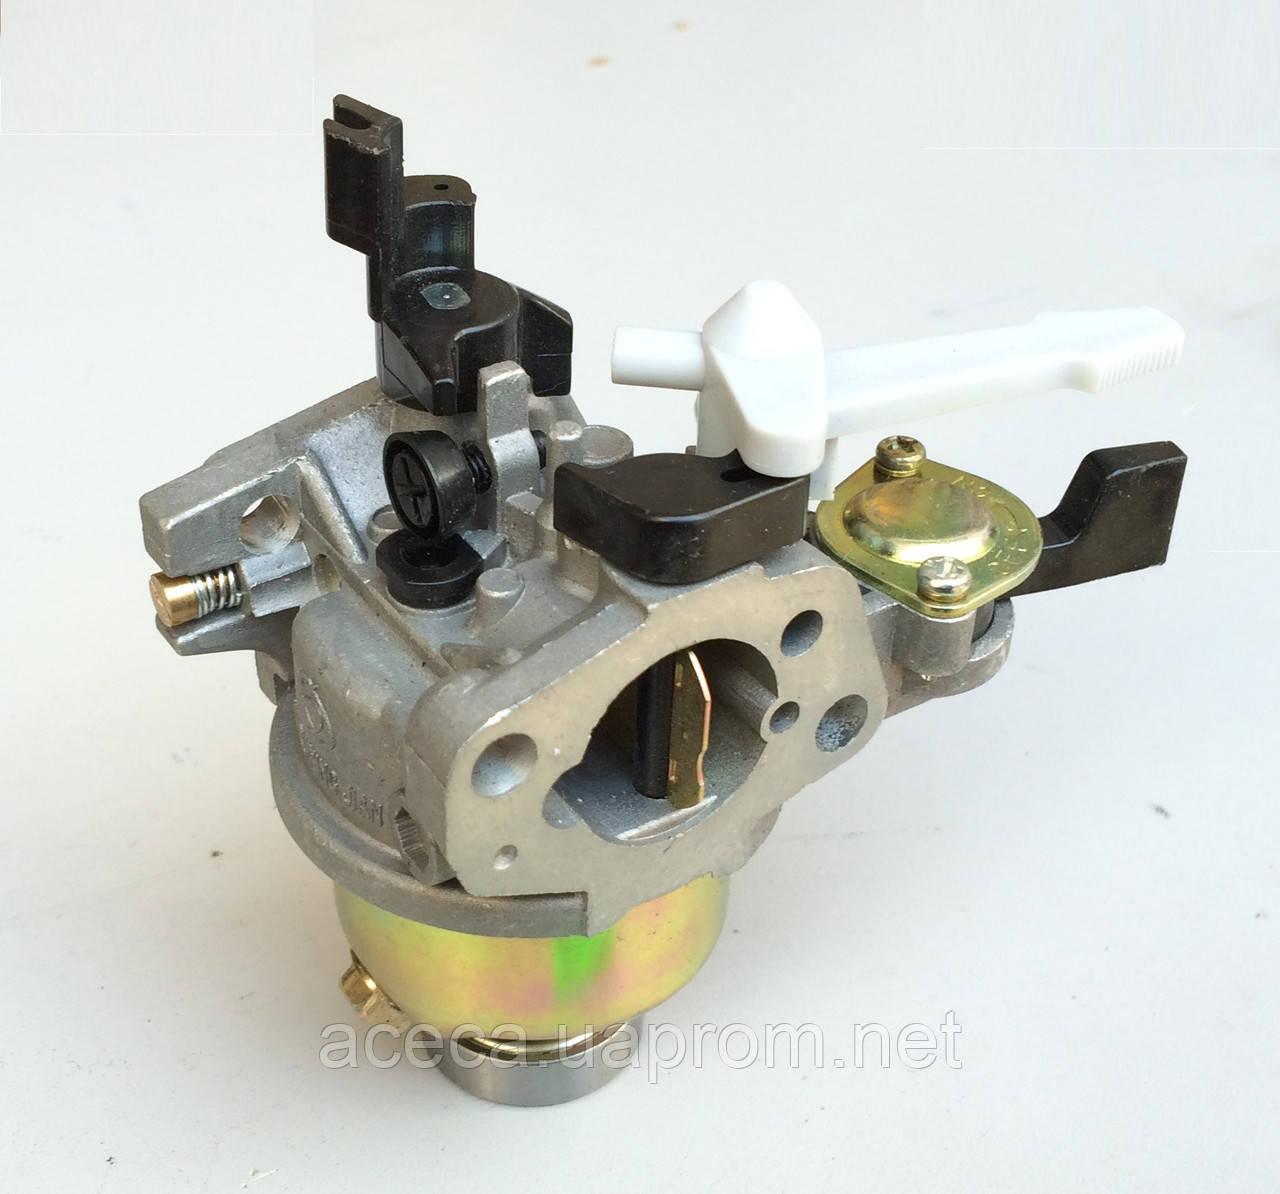 Карбюратор с краном для двигателя  5.5 - 7.0 л.с.(аналог Honda GX 120)